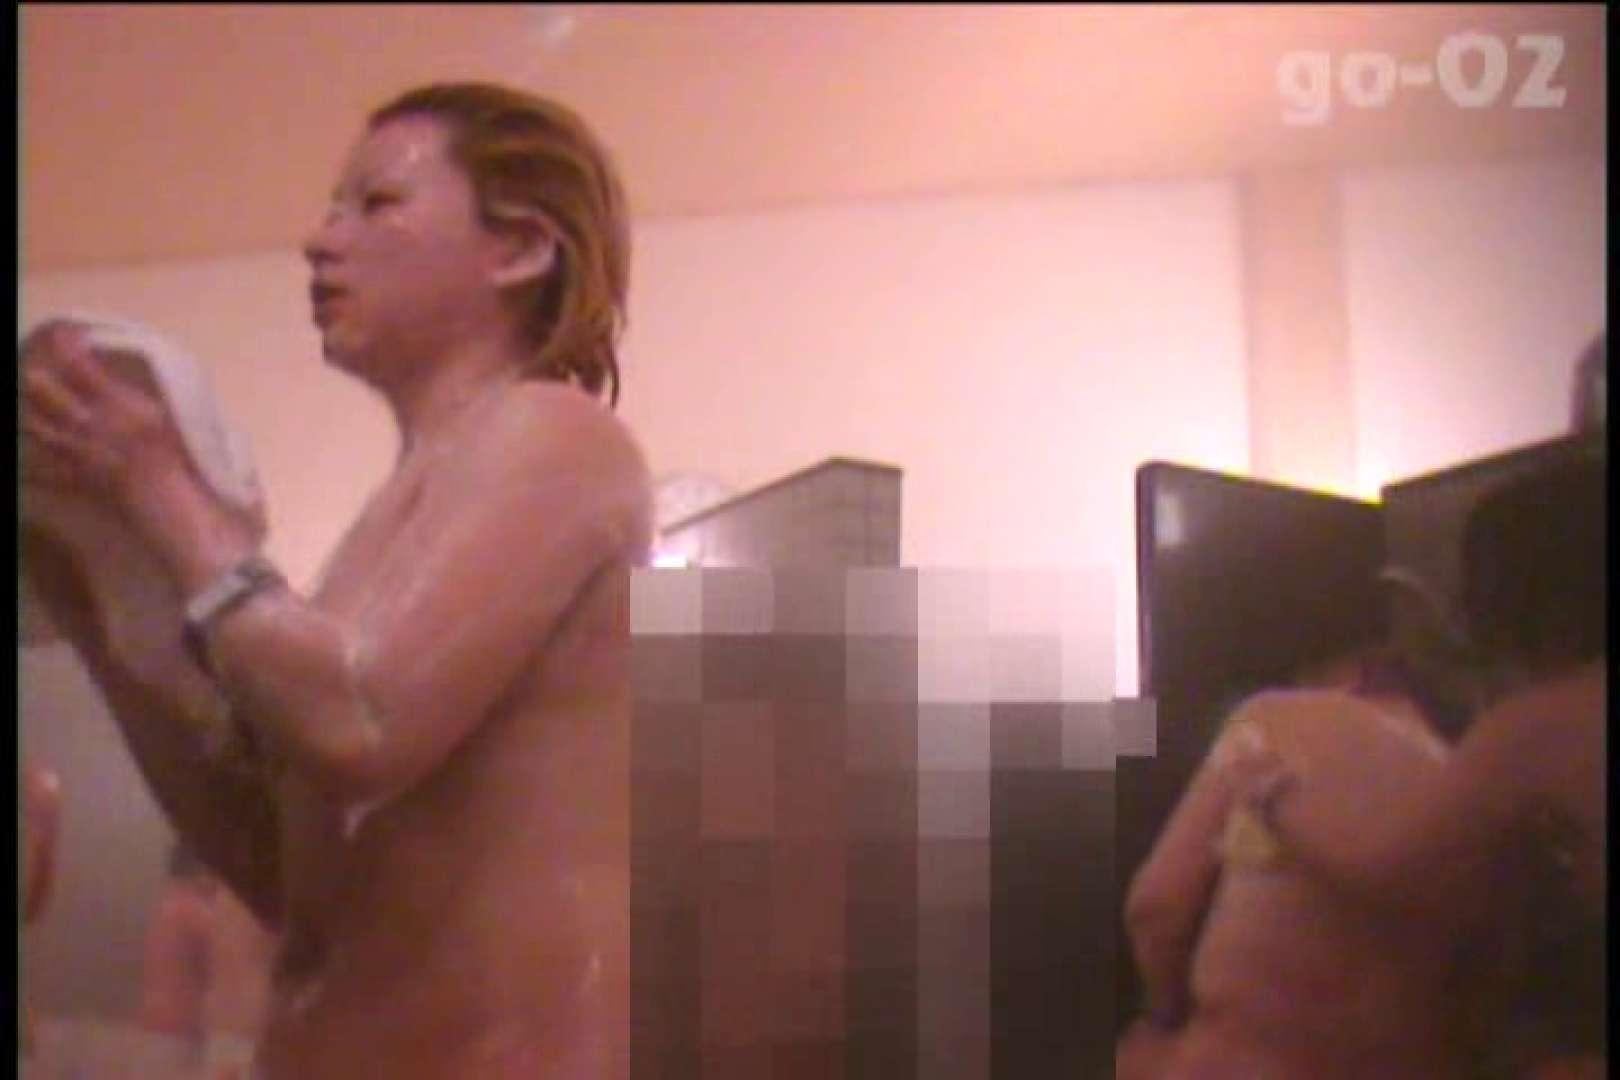 電波カメラ設置浴場からの防HAN映像 Vol.02 ギャル攻め オマンコ無修正動画無料 81画像 35